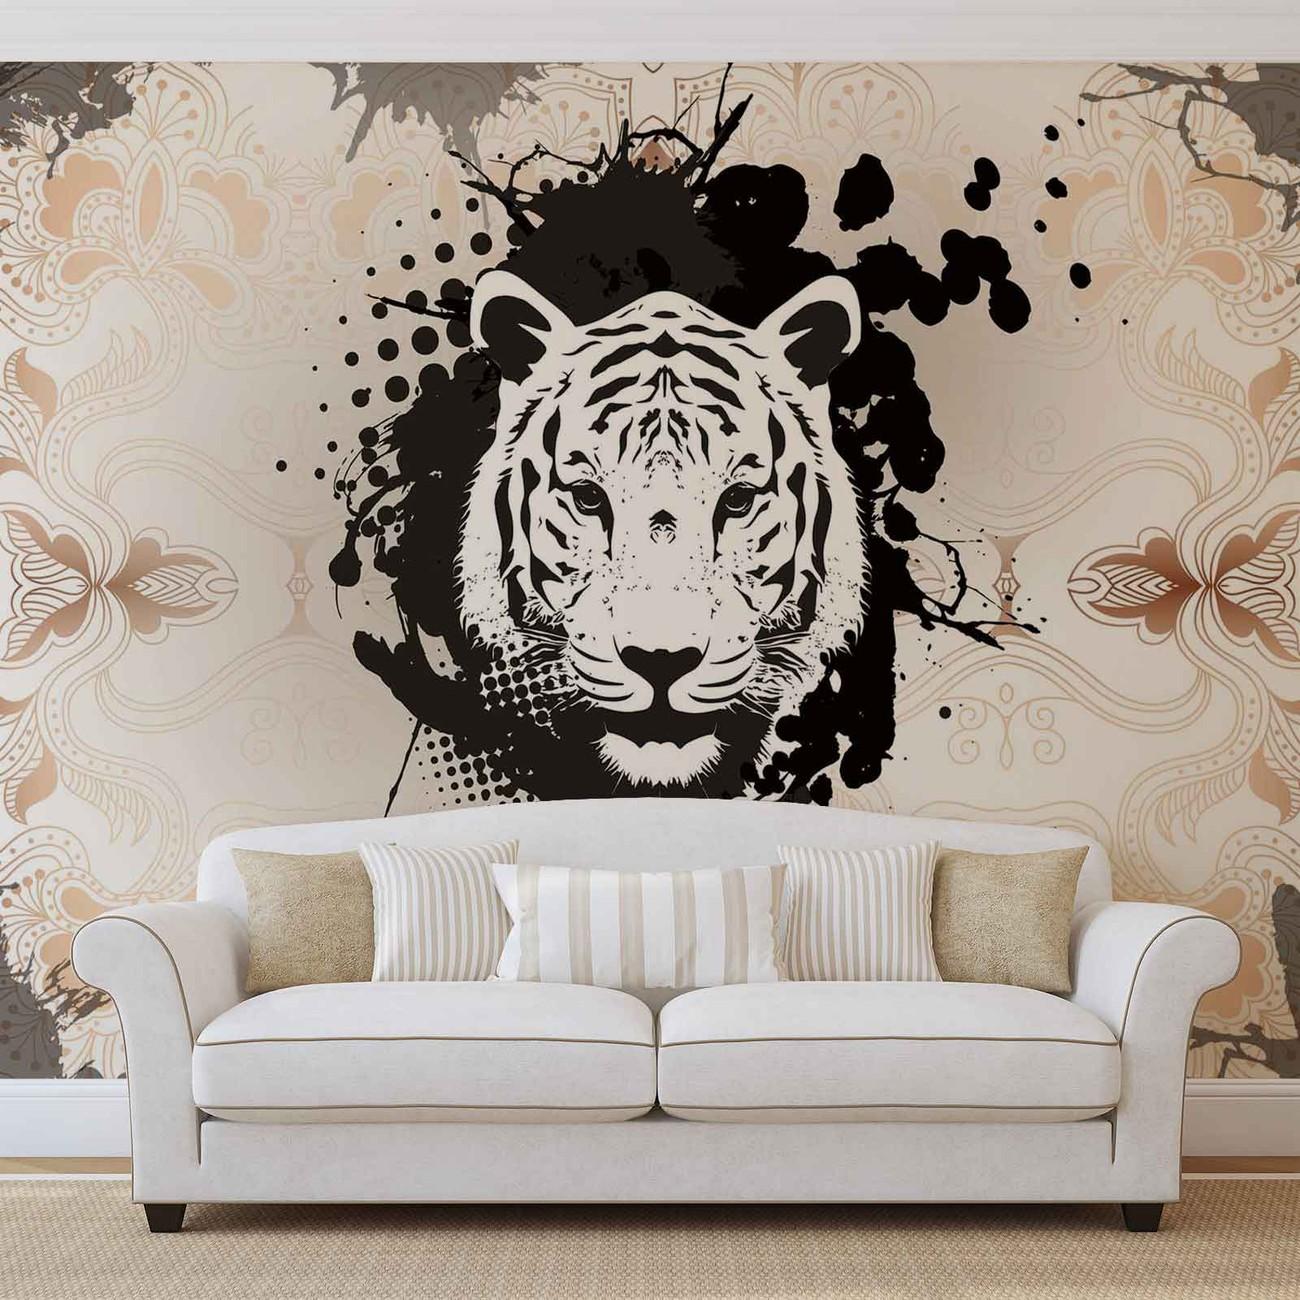 fototapete tapete tiger abstrakt bei europosters. Black Bedroom Furniture Sets. Home Design Ideas